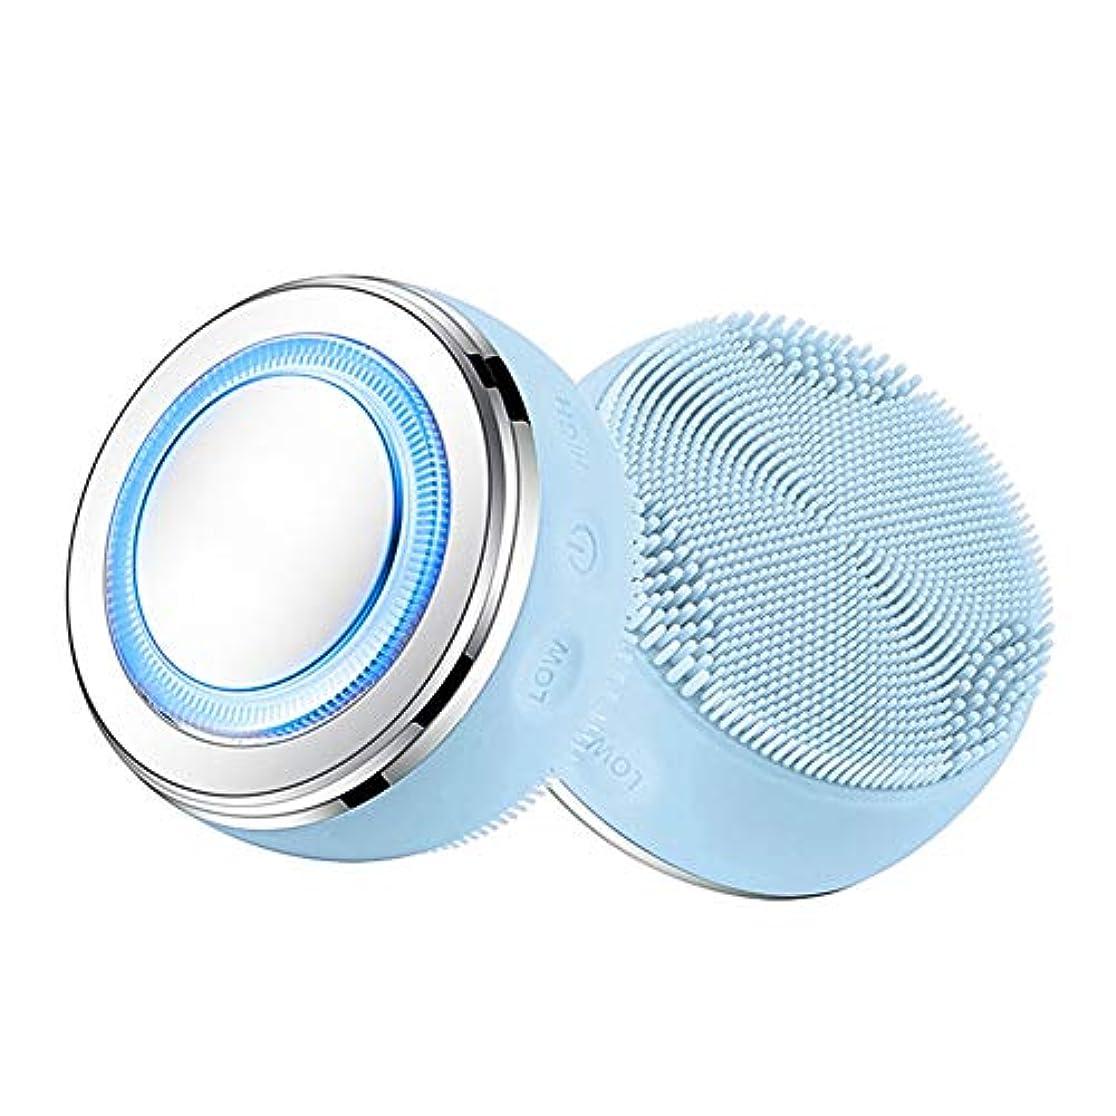 絶縁する条約すみません2-IN-1クレンジングブラシ、ホットプレスLEDスキンクリーナー、防水シリコーン毛穴クリーナー美顔器